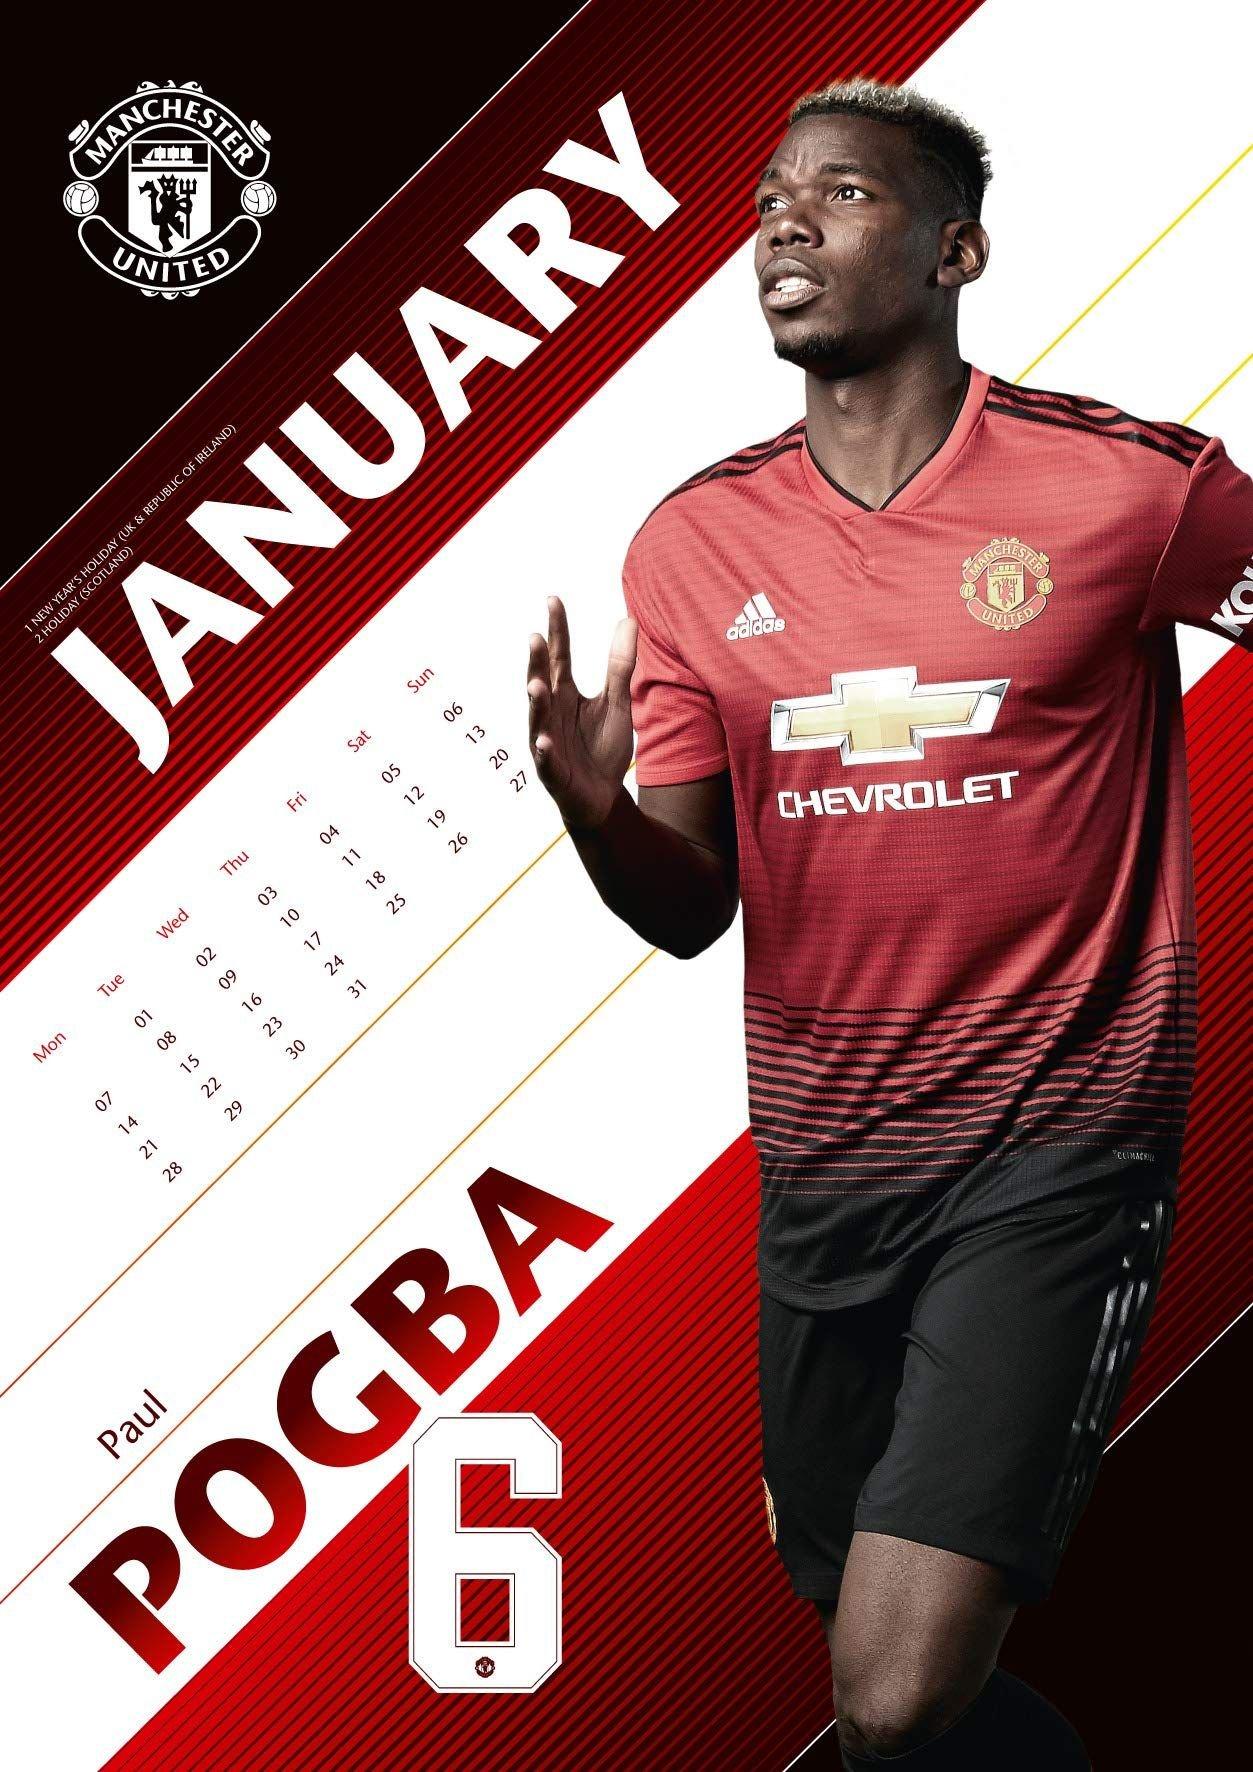 The Official Manchester United Calendar 2019 Calendar – Wall Man U Calendar 2019